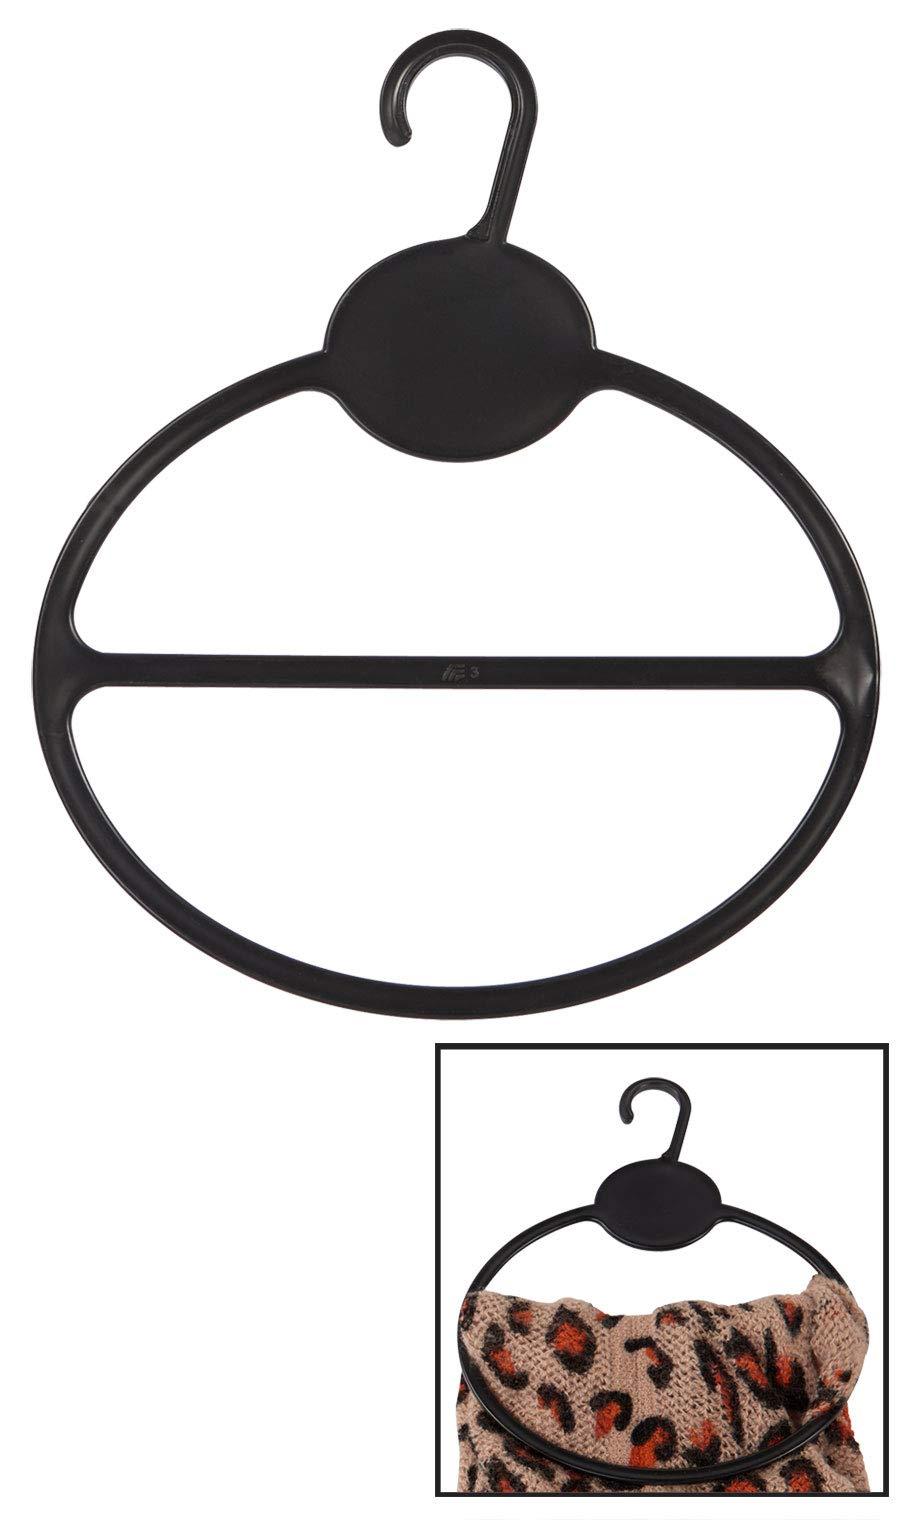 Black Scarf Hanger - Pack of 50 by SSWBasics